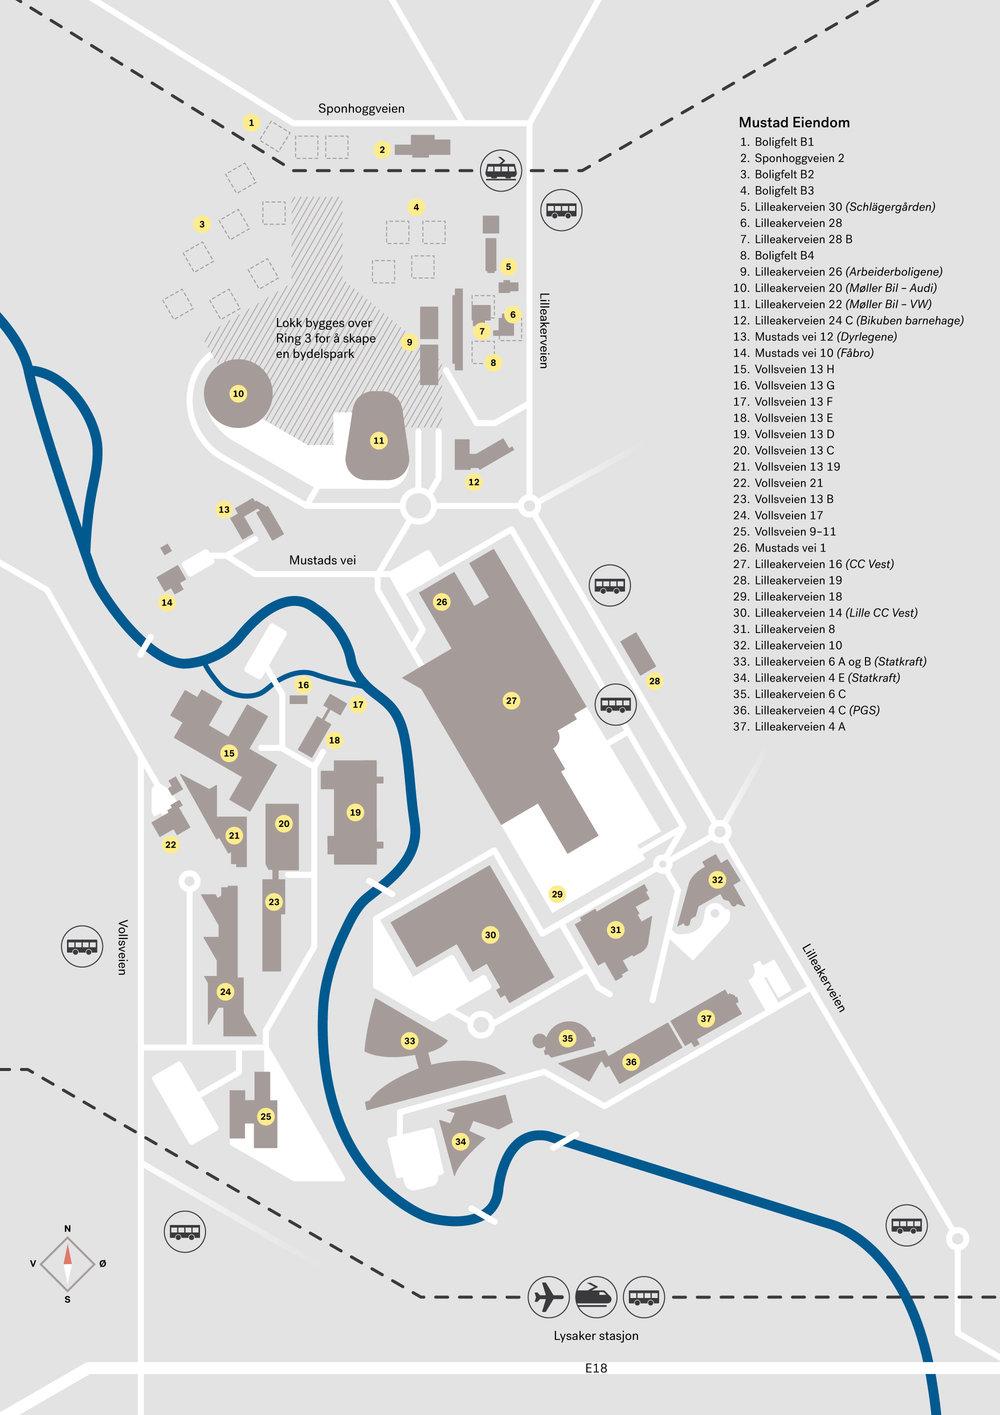 Oversikt over alle eiendommene til Mustad Eiendom